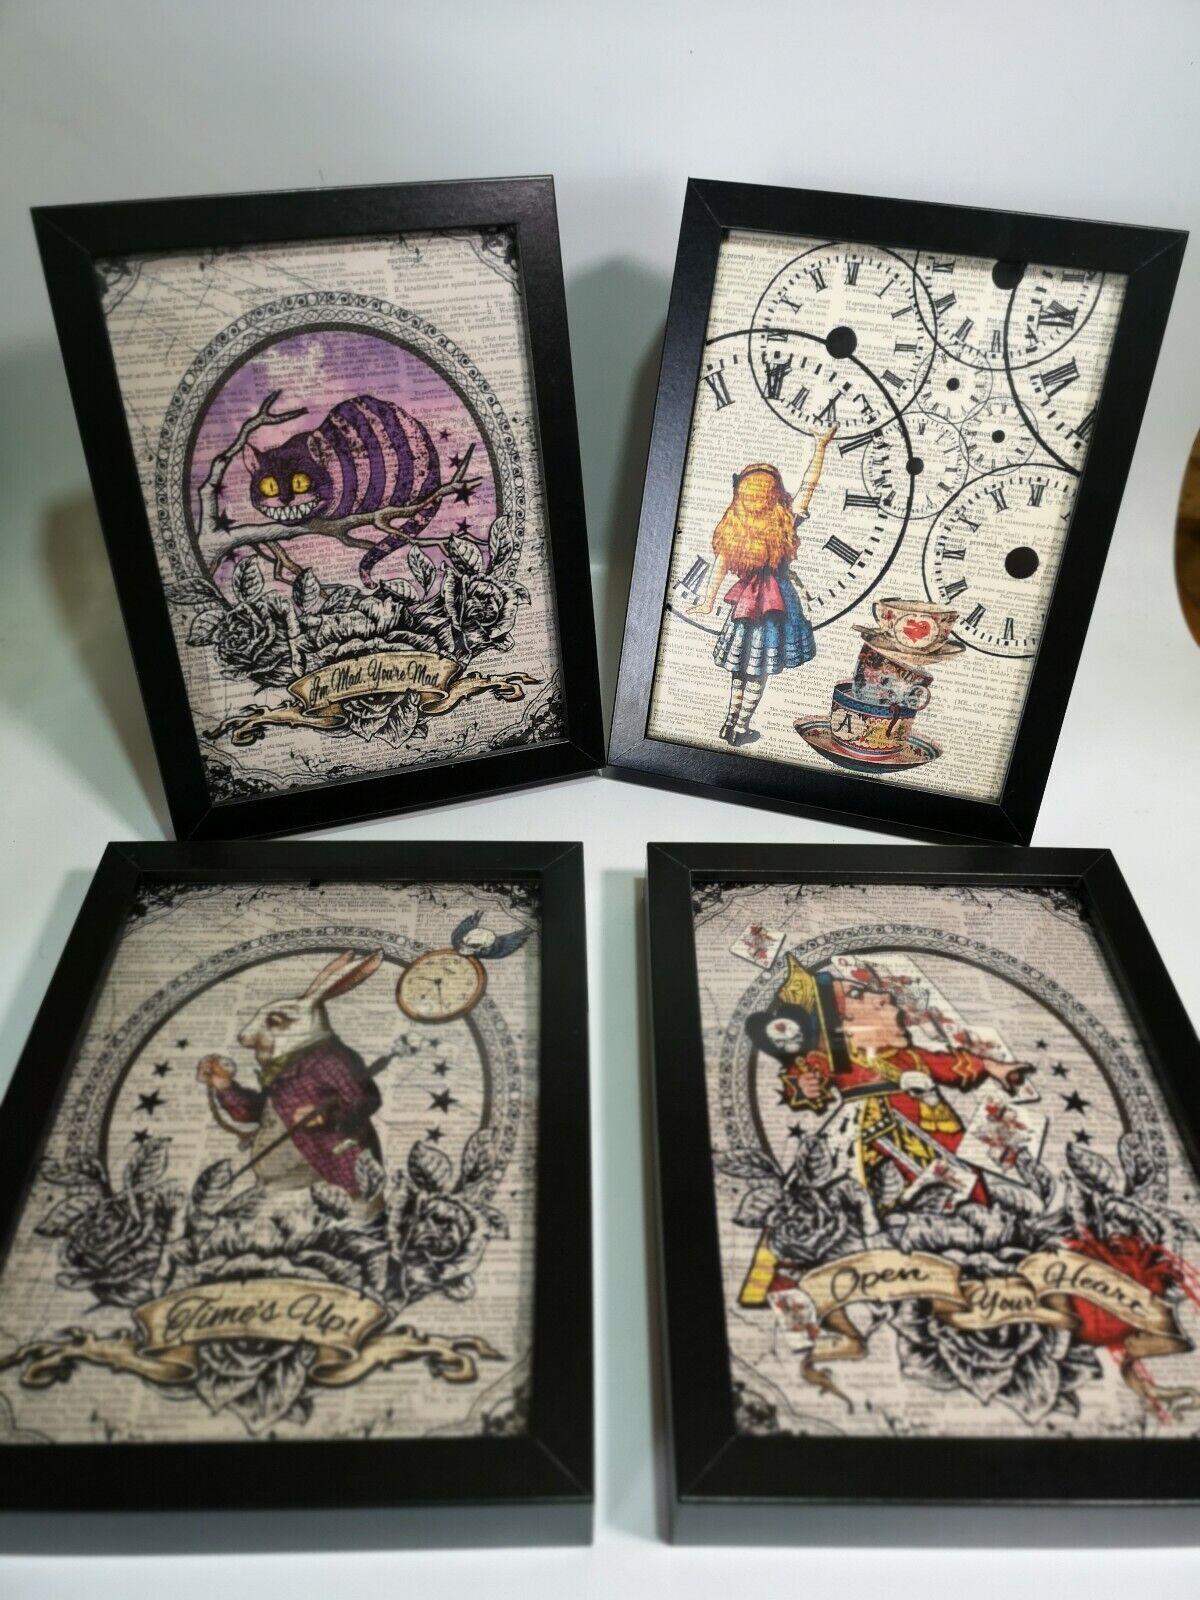 4 x DIZIONARIO incorniciato ART PRINT Alice nel paese delle meraviglie-leggi descrizione